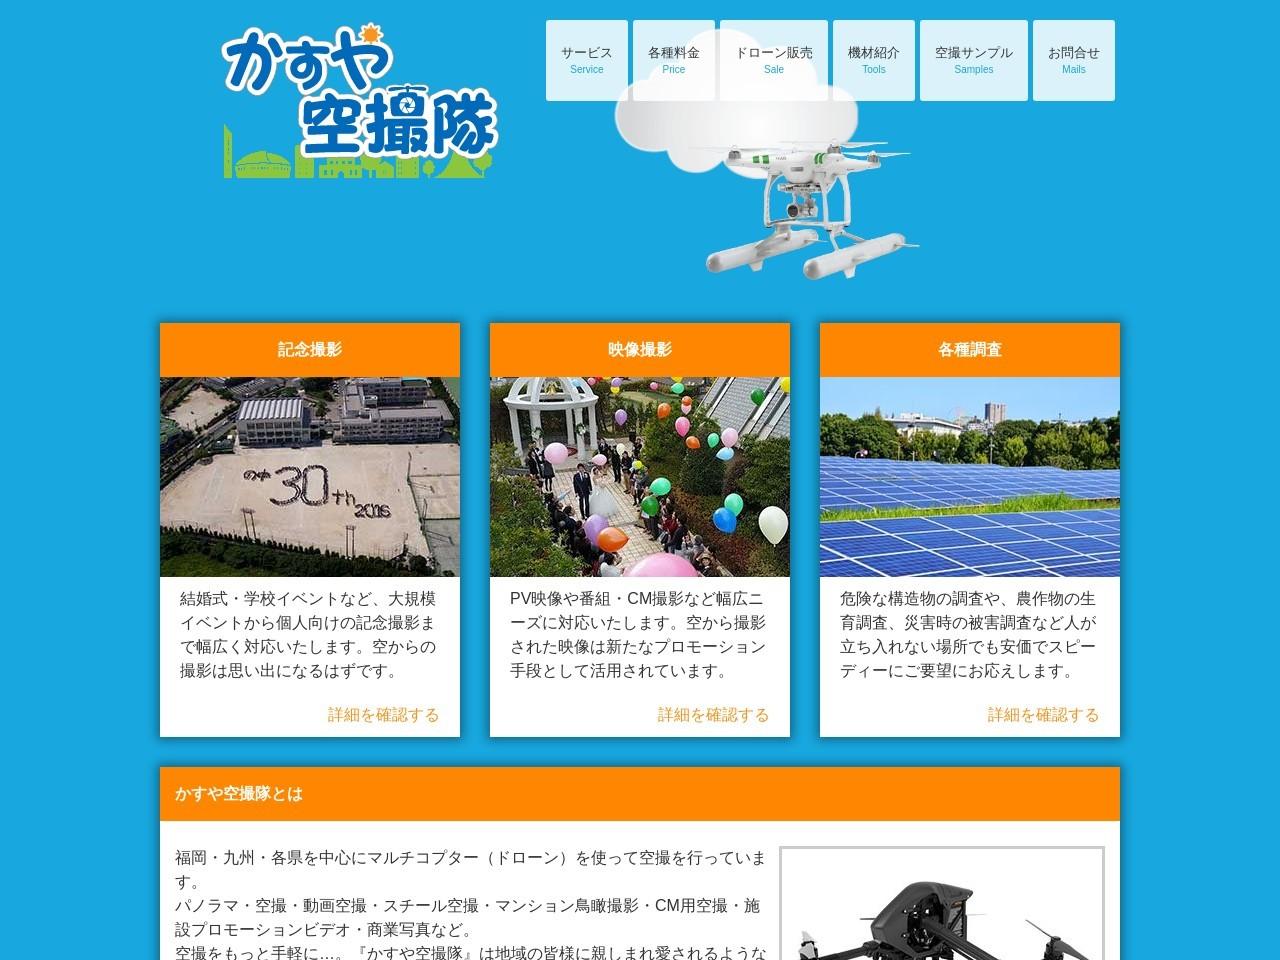 かすや空撮隊|福岡・九州のマルチコプター・ドローンを使った空撮会社